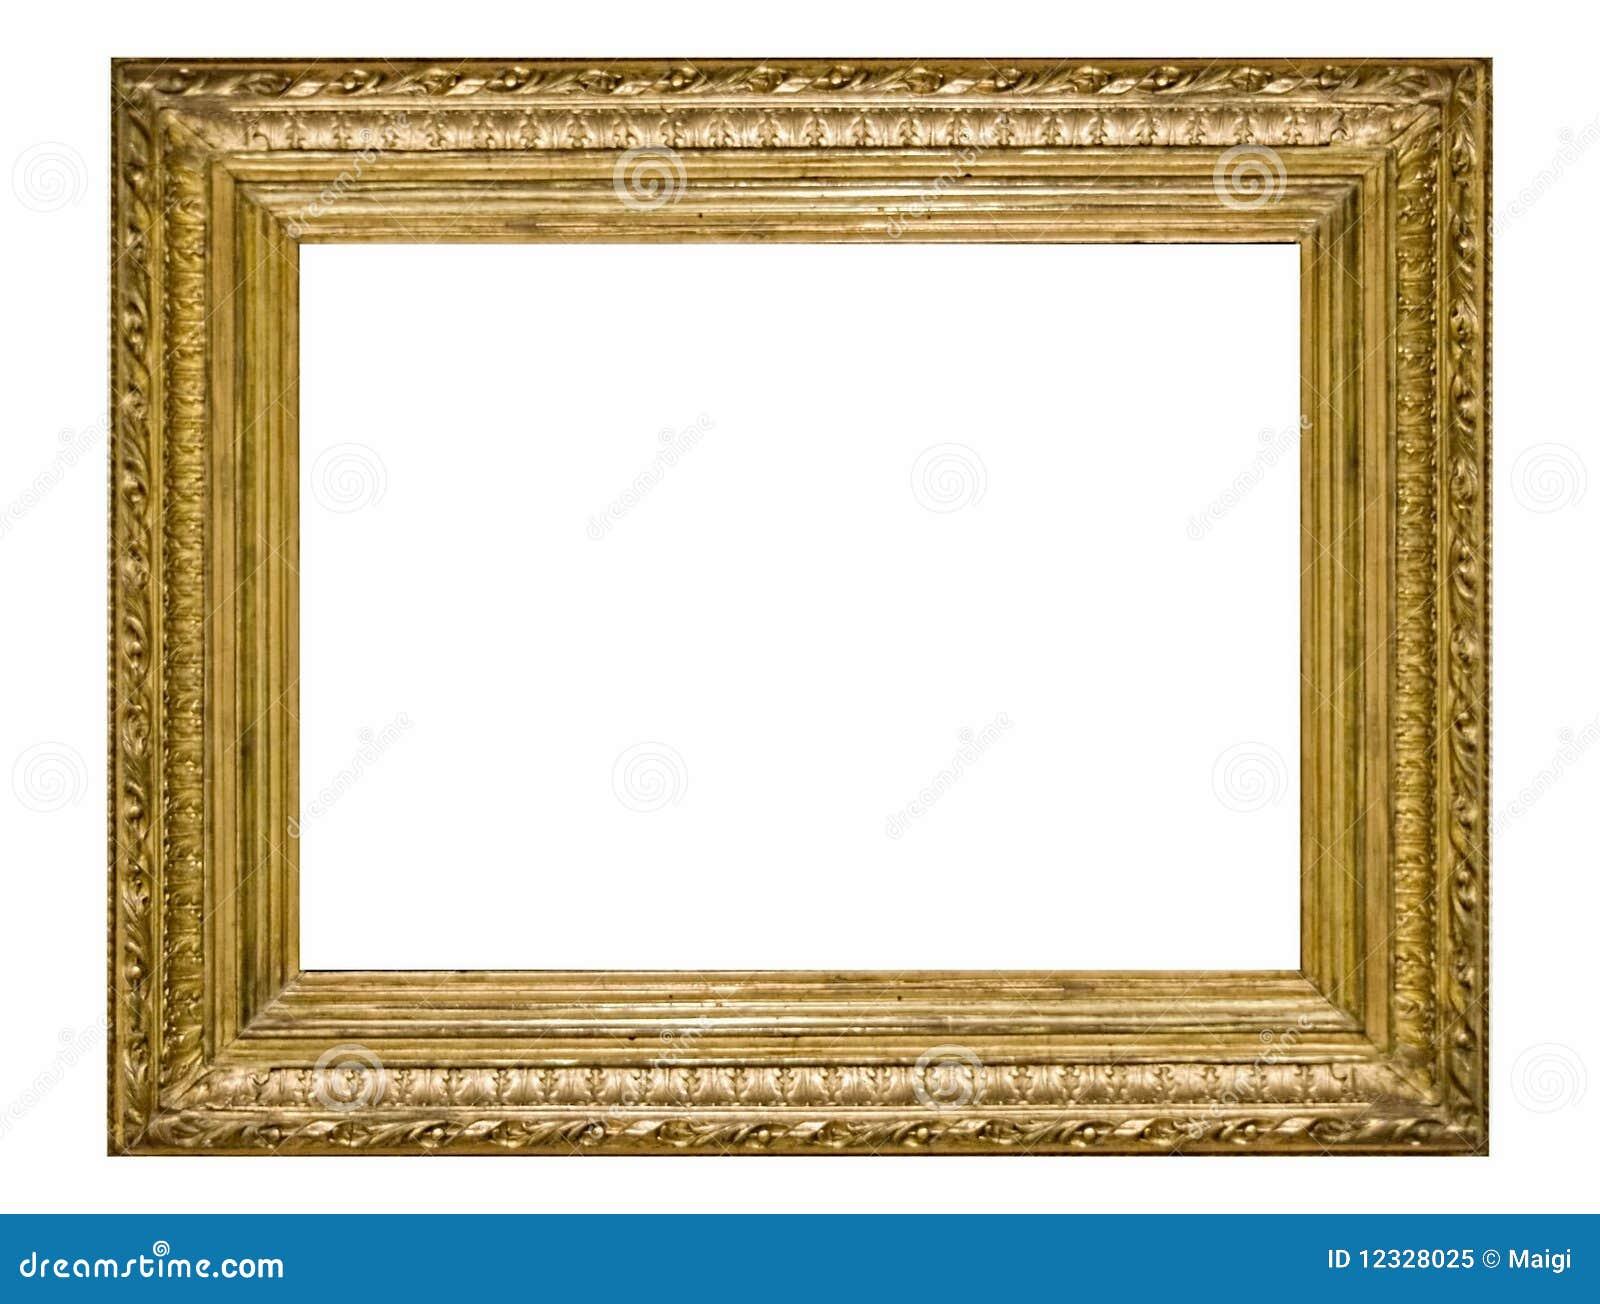 Verzierter Bilderrahmen stockbild. Bild von grenze, einfassen - 12328025